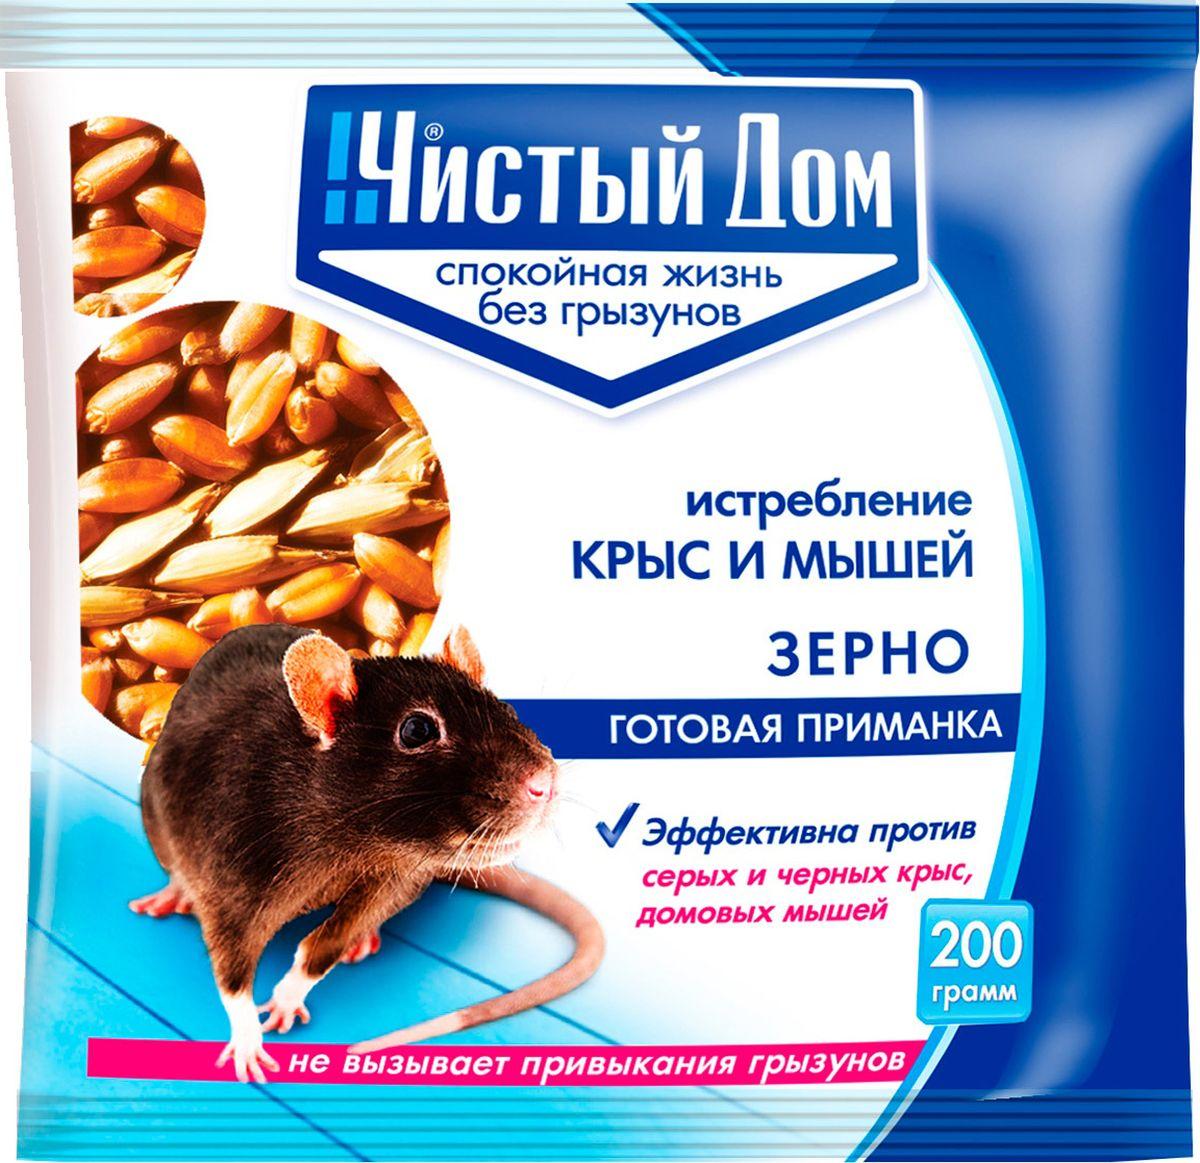 Приманка Чистый Дом, от крыс и мышей, зерновая, 200 г03-028Универсальное готовое к применению средство от мышей, крыс и полевок Основа «Форэта» — натуральные зерна пшеницы, что обеспечивает отличную поедаемость грызунами